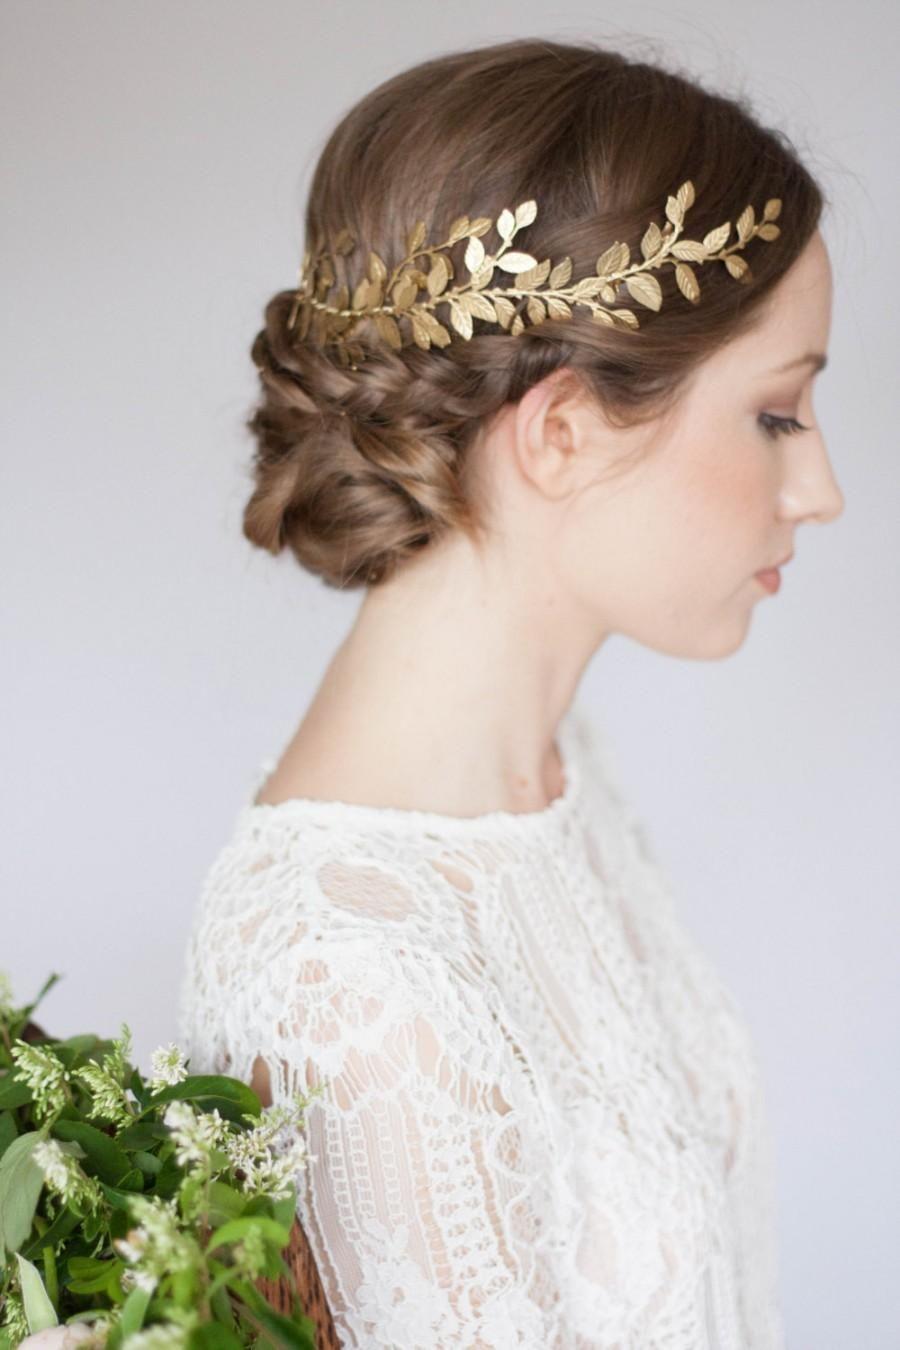 wedding headpiece Alena Wrap Headpiece Gold leaf circlet crown bridal headpiece leaf coronet bohemian headpiece boho greek crown greek coronet